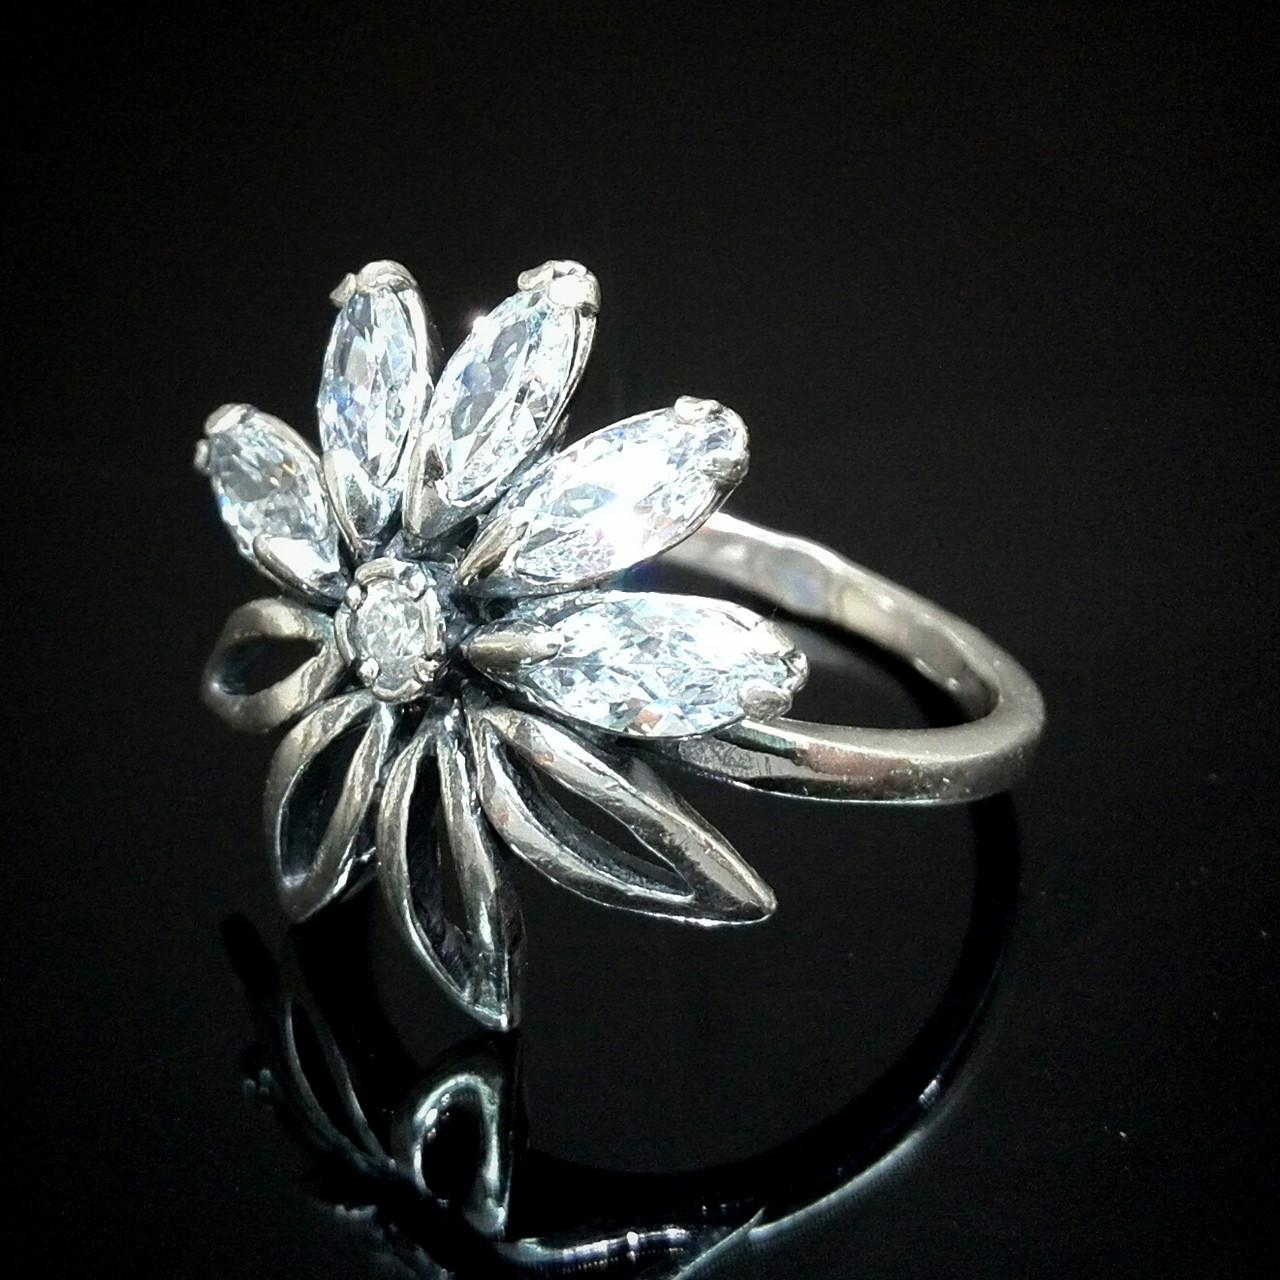 Серебряное кольцо в виде цветка с фианитами, 6 камней